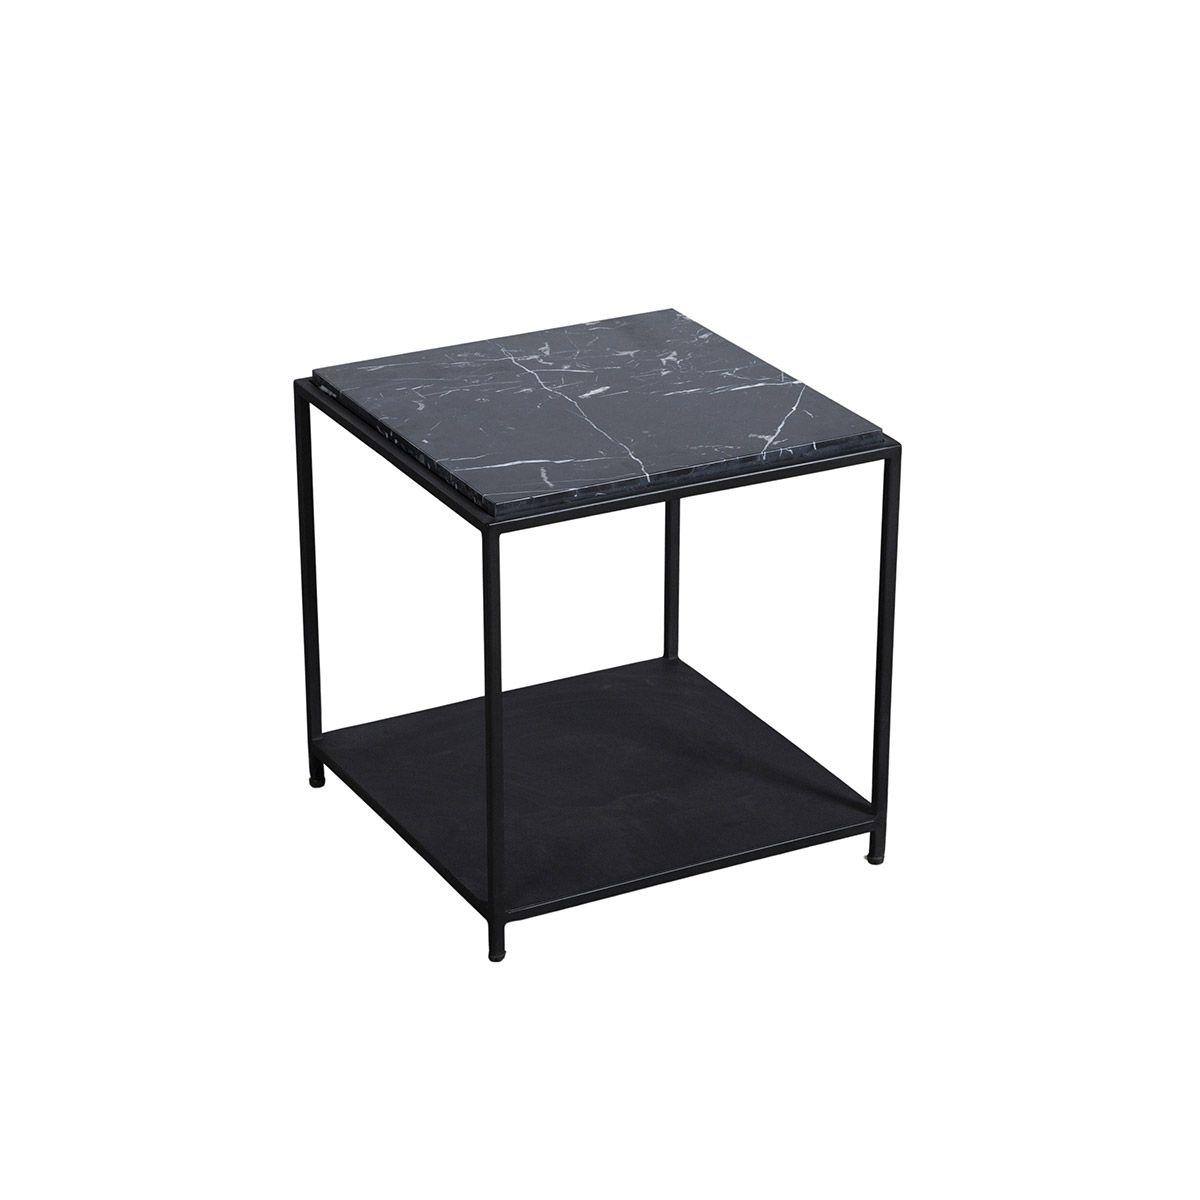 Bout de canapé carré marbre métal noir